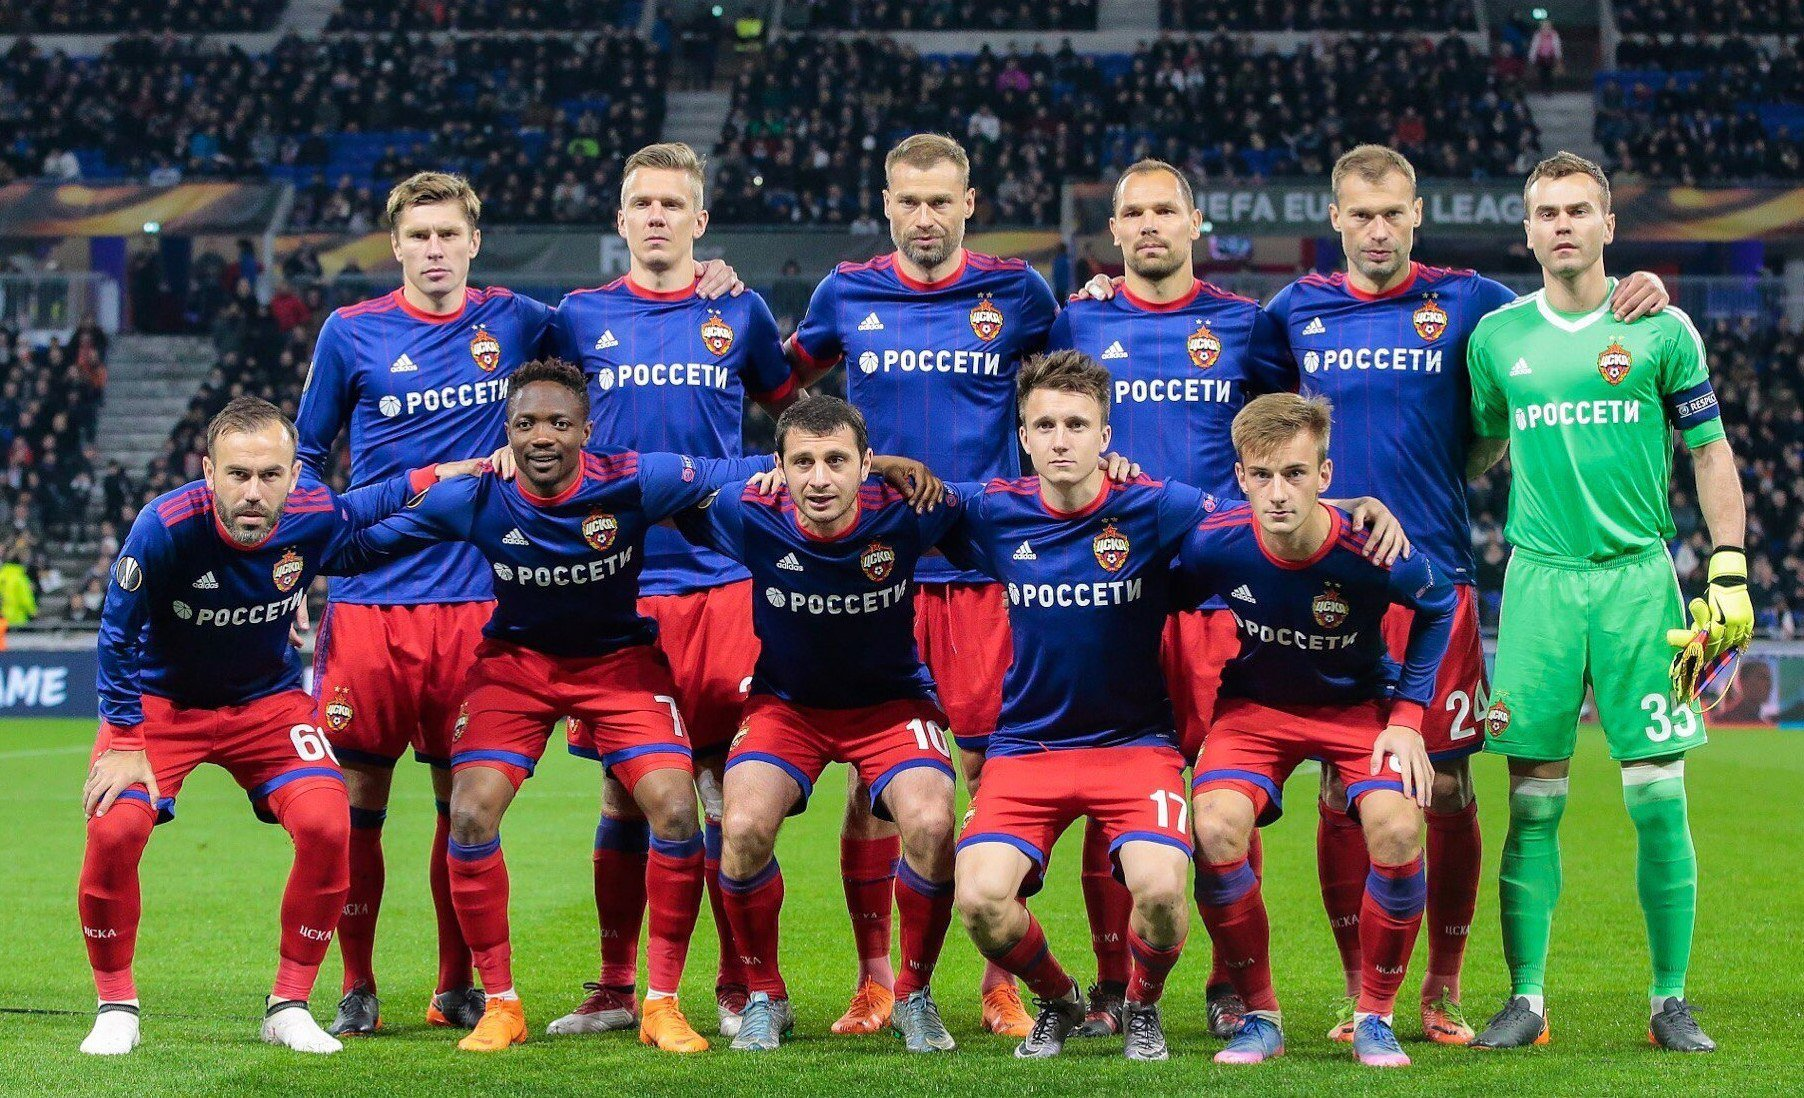 Прогноз на матч ЦСКА Москва - Ростов 15 апреля 2017